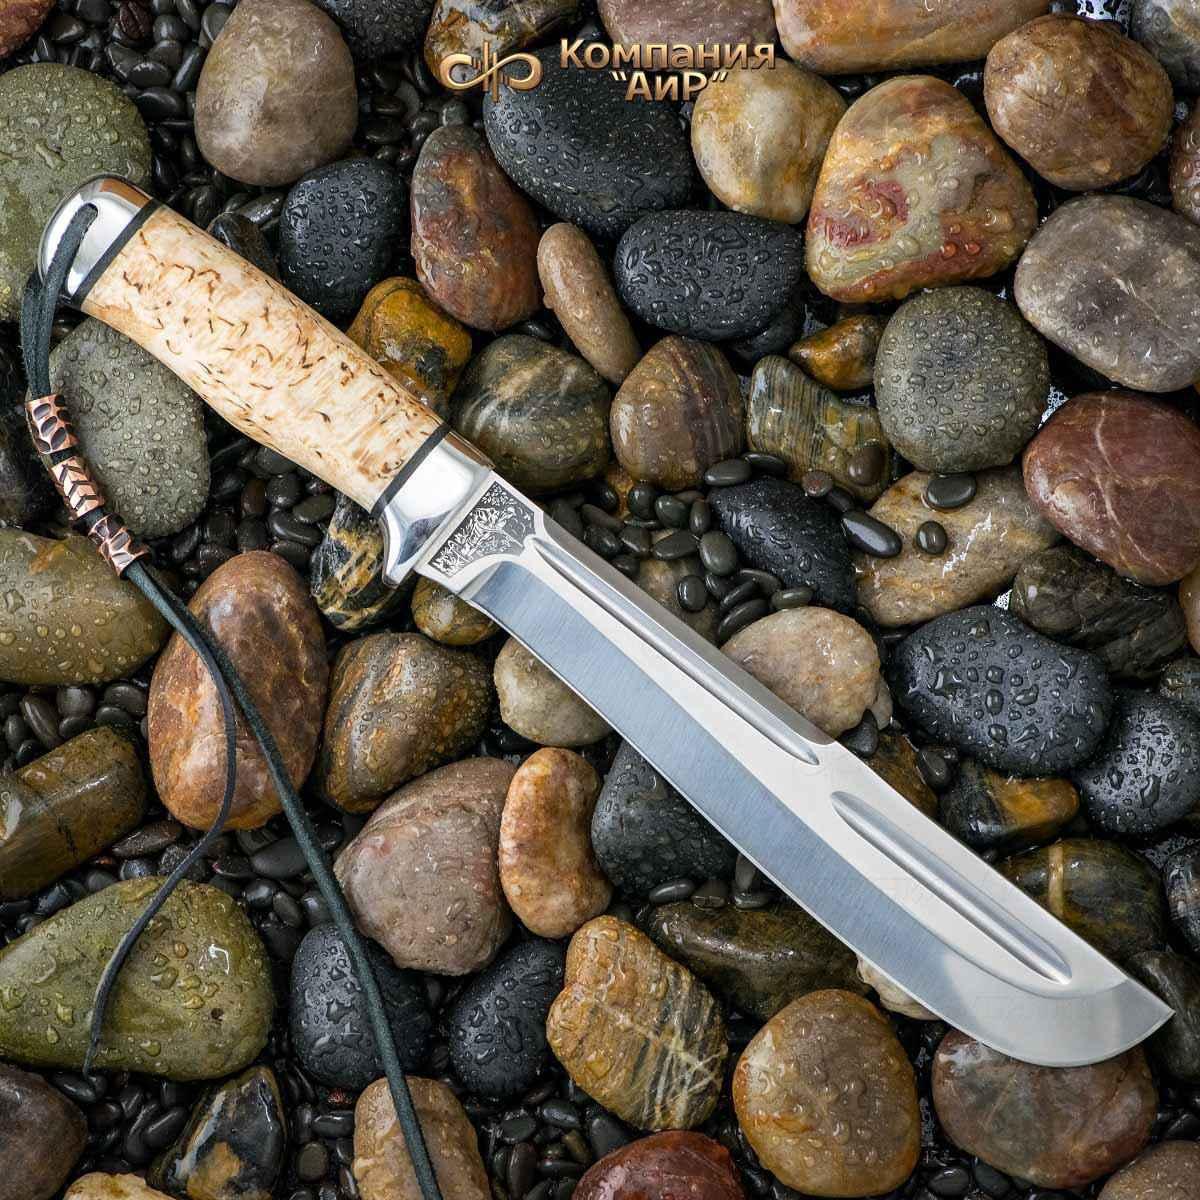 Мачете разделочный АиР Ицыл мачете, сталь 100х13м, рукоять карельская береза нож разделочный скинер карельская береза 100х13м аир